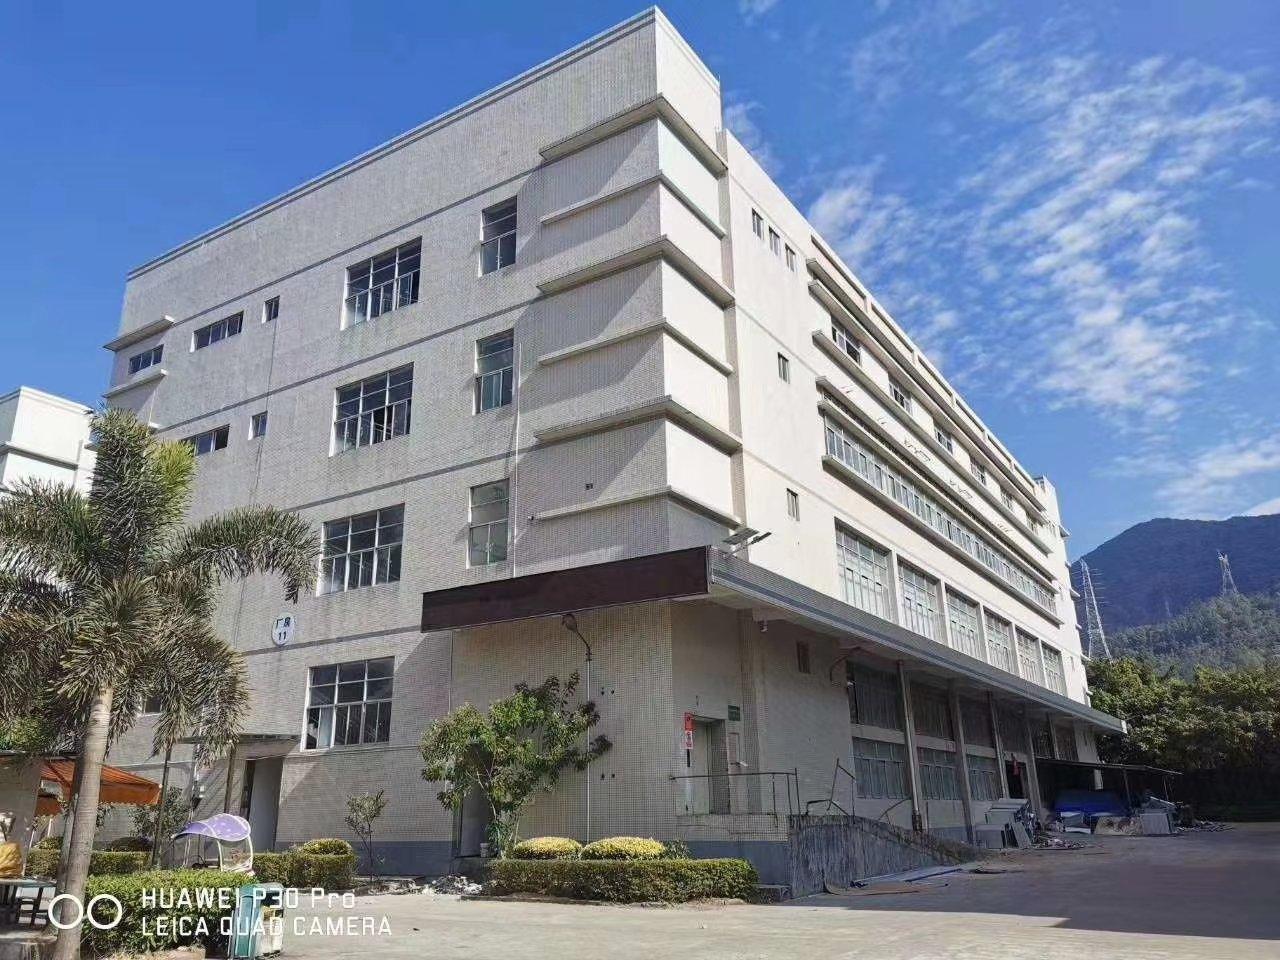 惠州市仲恺高新区新出原房东工业园独栋6600平方招租